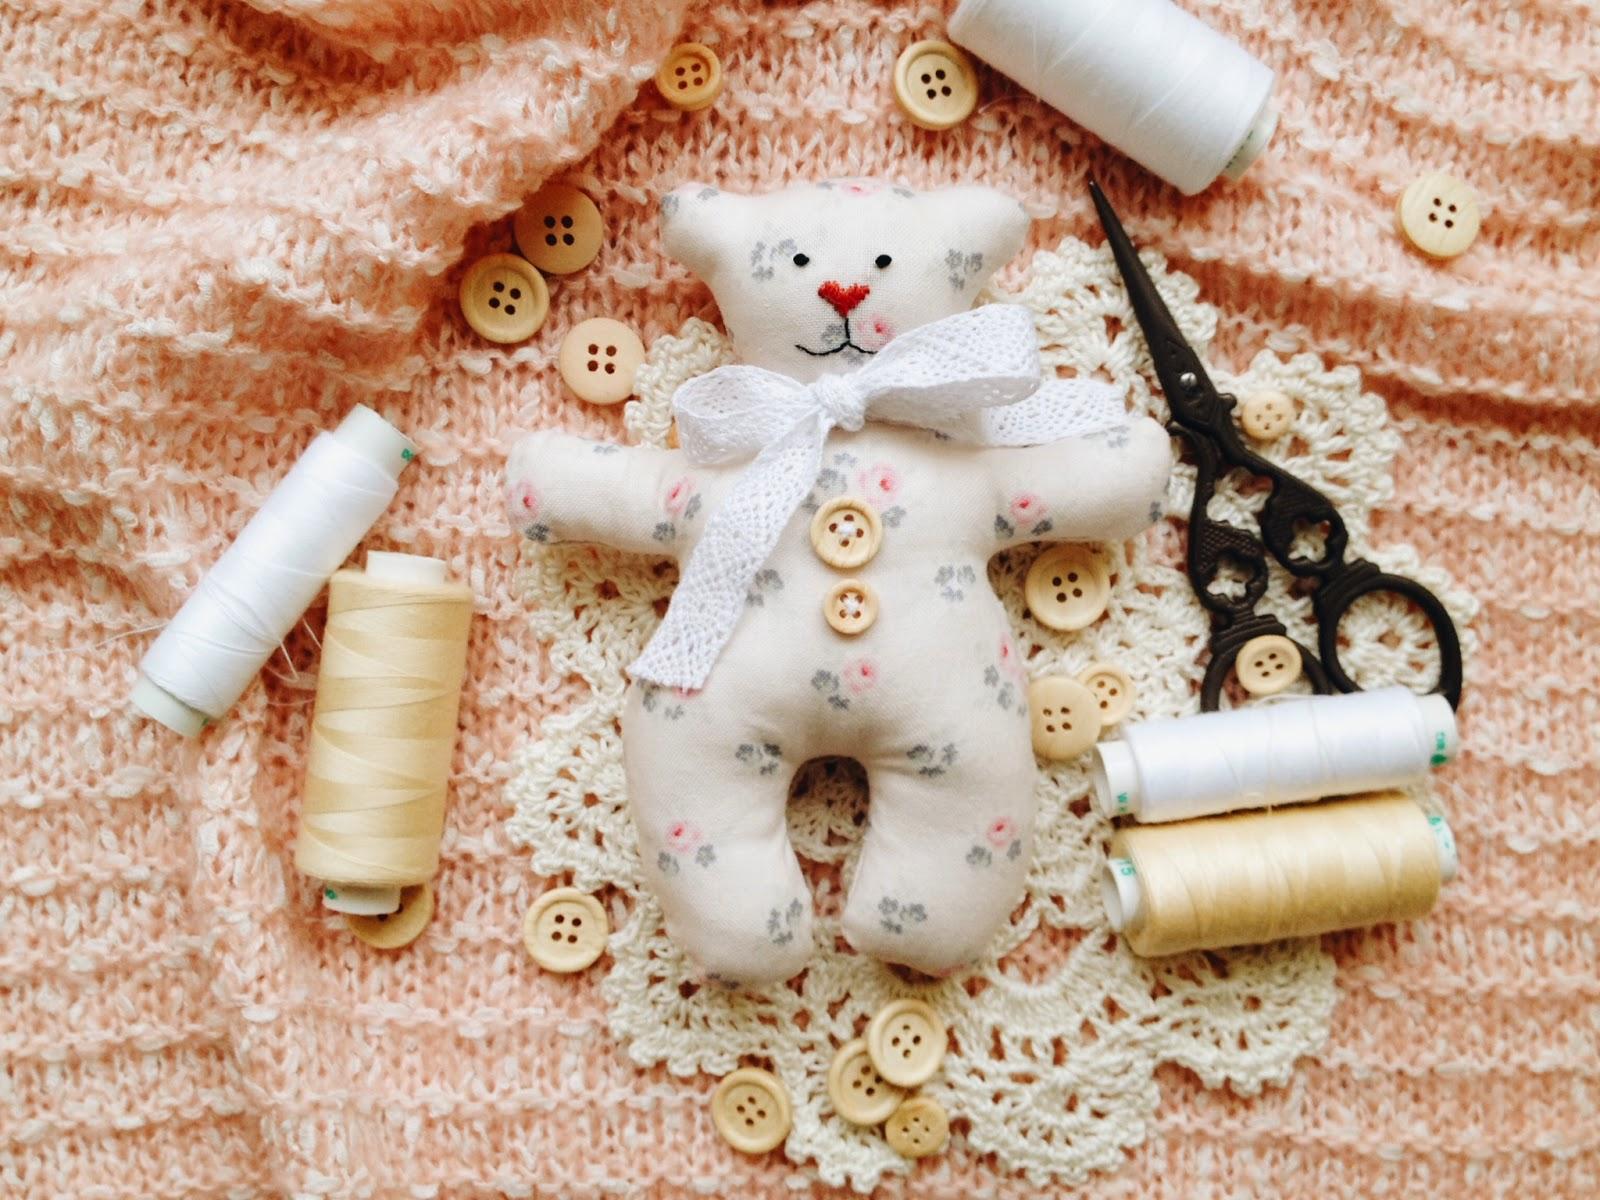 Ручная работа Кокоревой Анны, игрушки, мягкие игрушки, игрушки ручной работы, мишка тильда, ткань тильда,